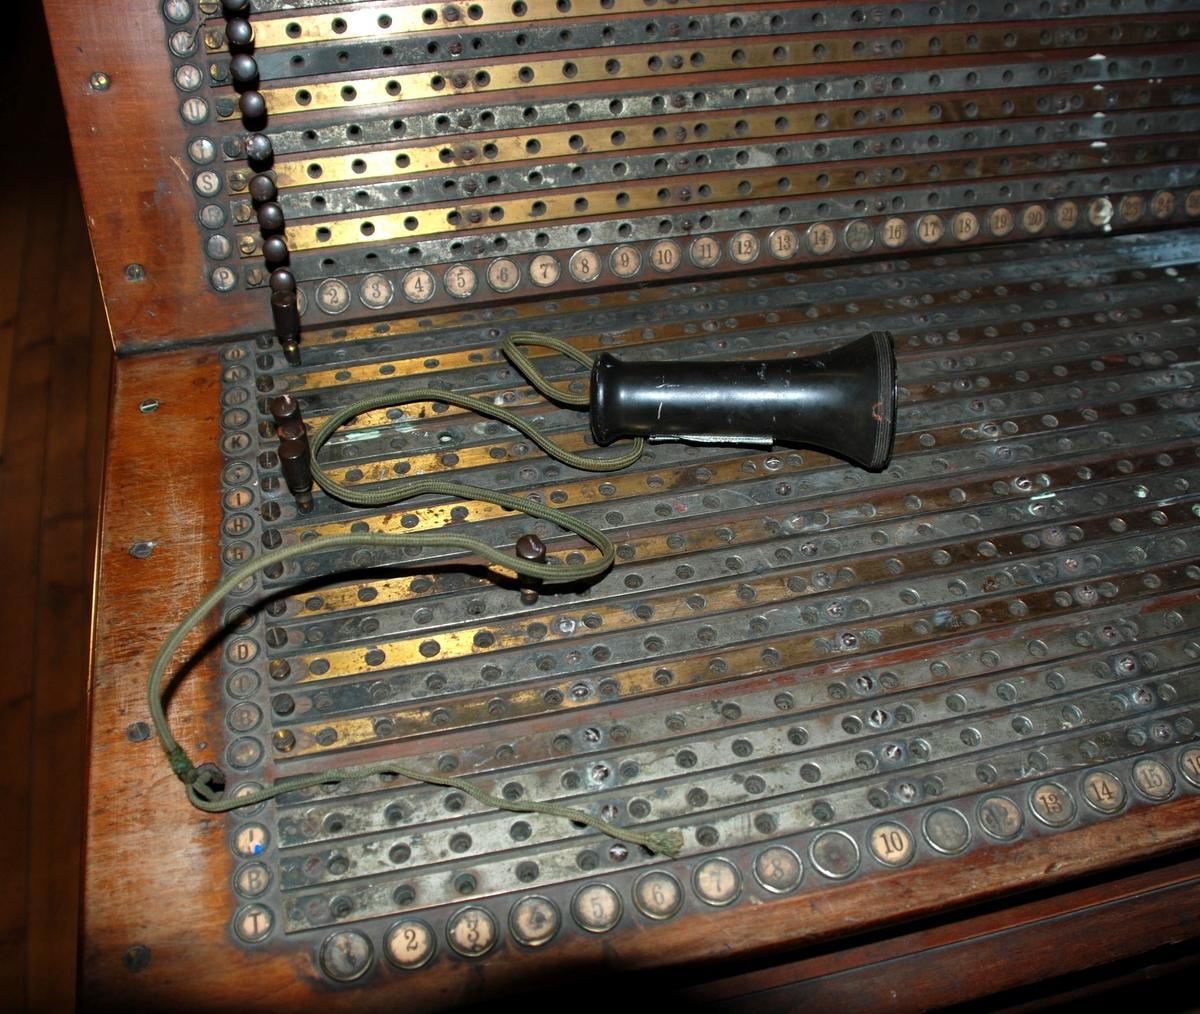 Koblingsbord for telefonsamtaler. Sentralbordet er montert på understelll av tre med fire dreide ben med bensprosse i H-form. Toppen har utskjæring i tre. Koblingspanelet er i metall, der kontaktpunktene er merket med bokstaver loddrett og tall vannrett. Mikrofon festet på svingstang øverst på panelbordet,, telefonrør i bakelitt.